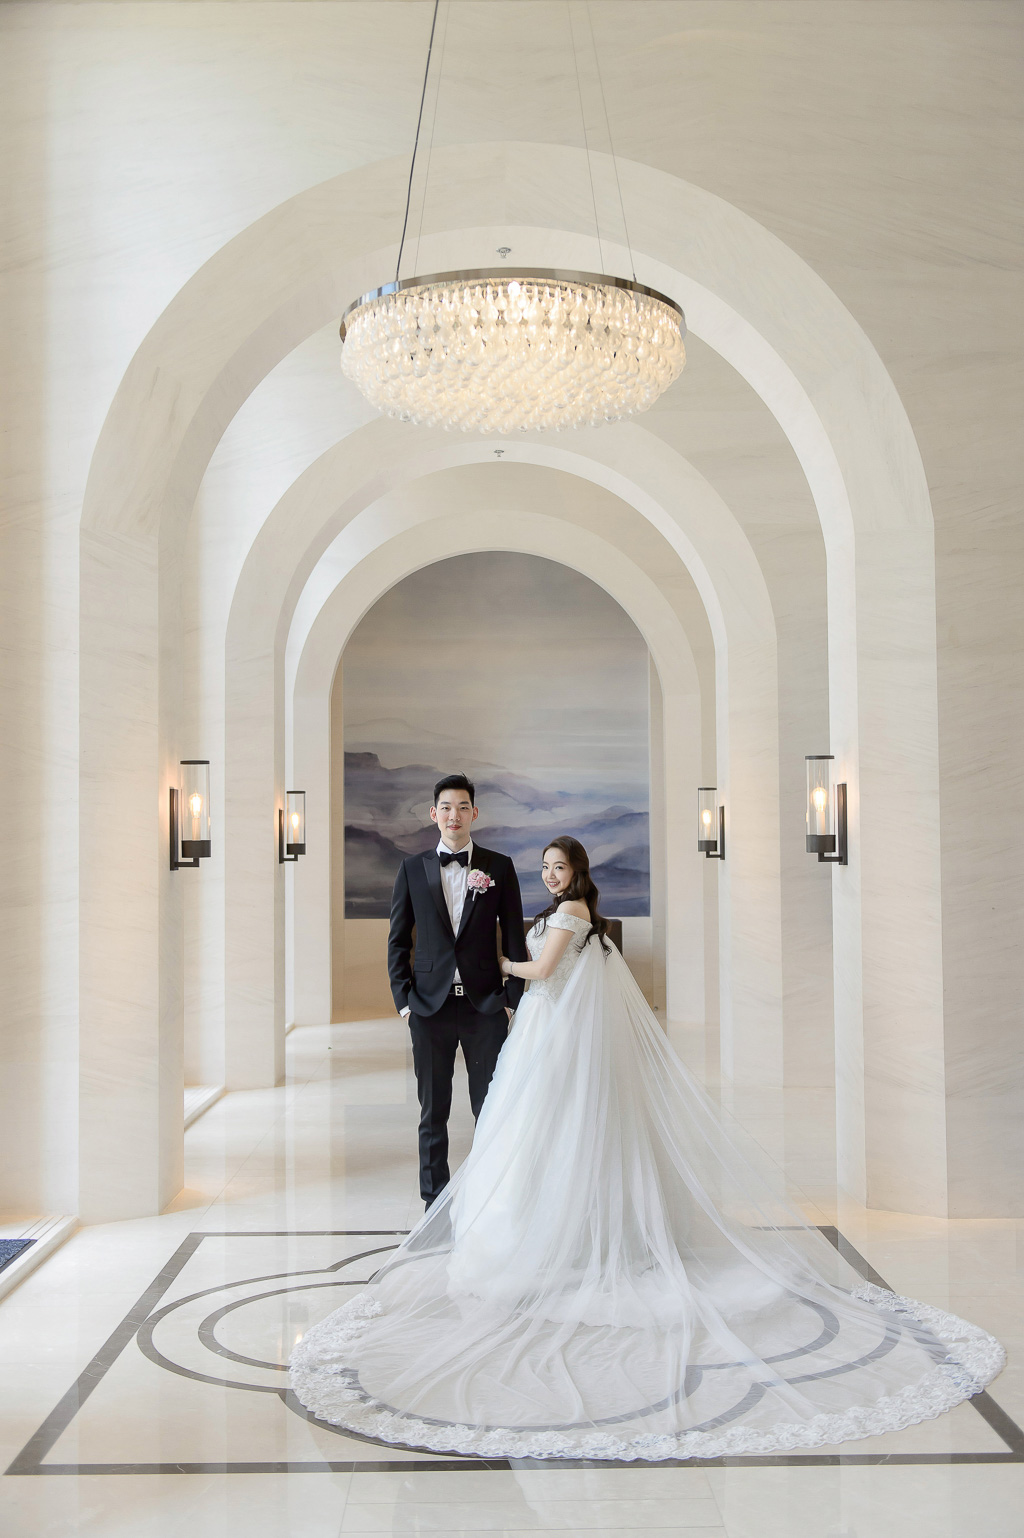 婚攝小勇,小寶團隊, 自助婚紗, 婚禮紀錄,朱飾戴吉-新娘秘書, 萬豪酒店,台北婚攝,wedding day-104